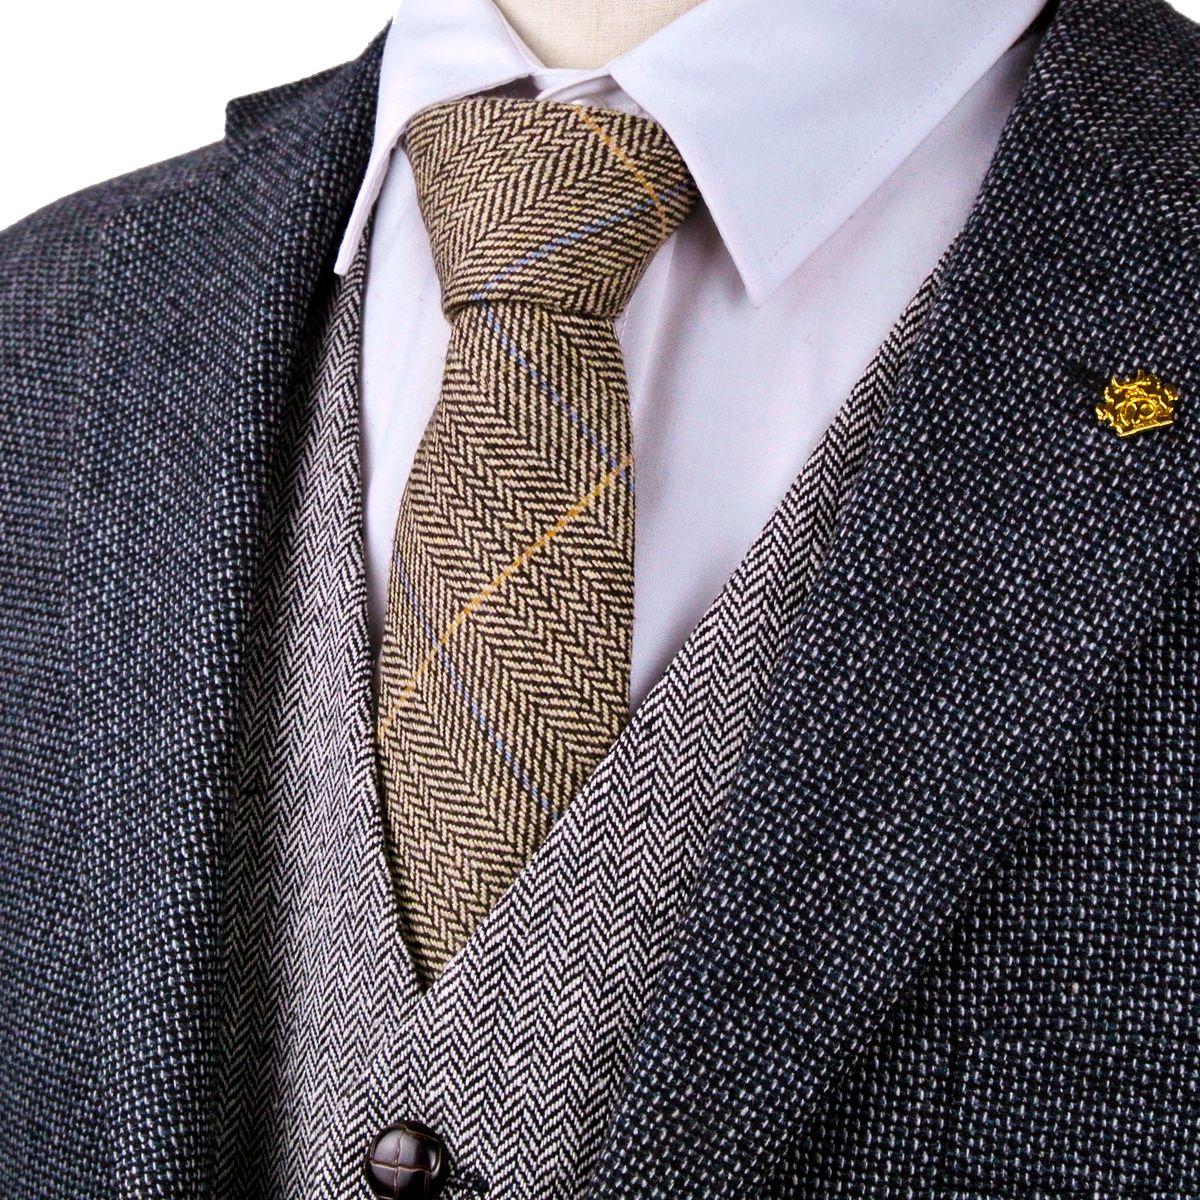 4dca76bc865d New H40 Checked Herringbone Tweed Brown Camel Wool Mens Ties ...